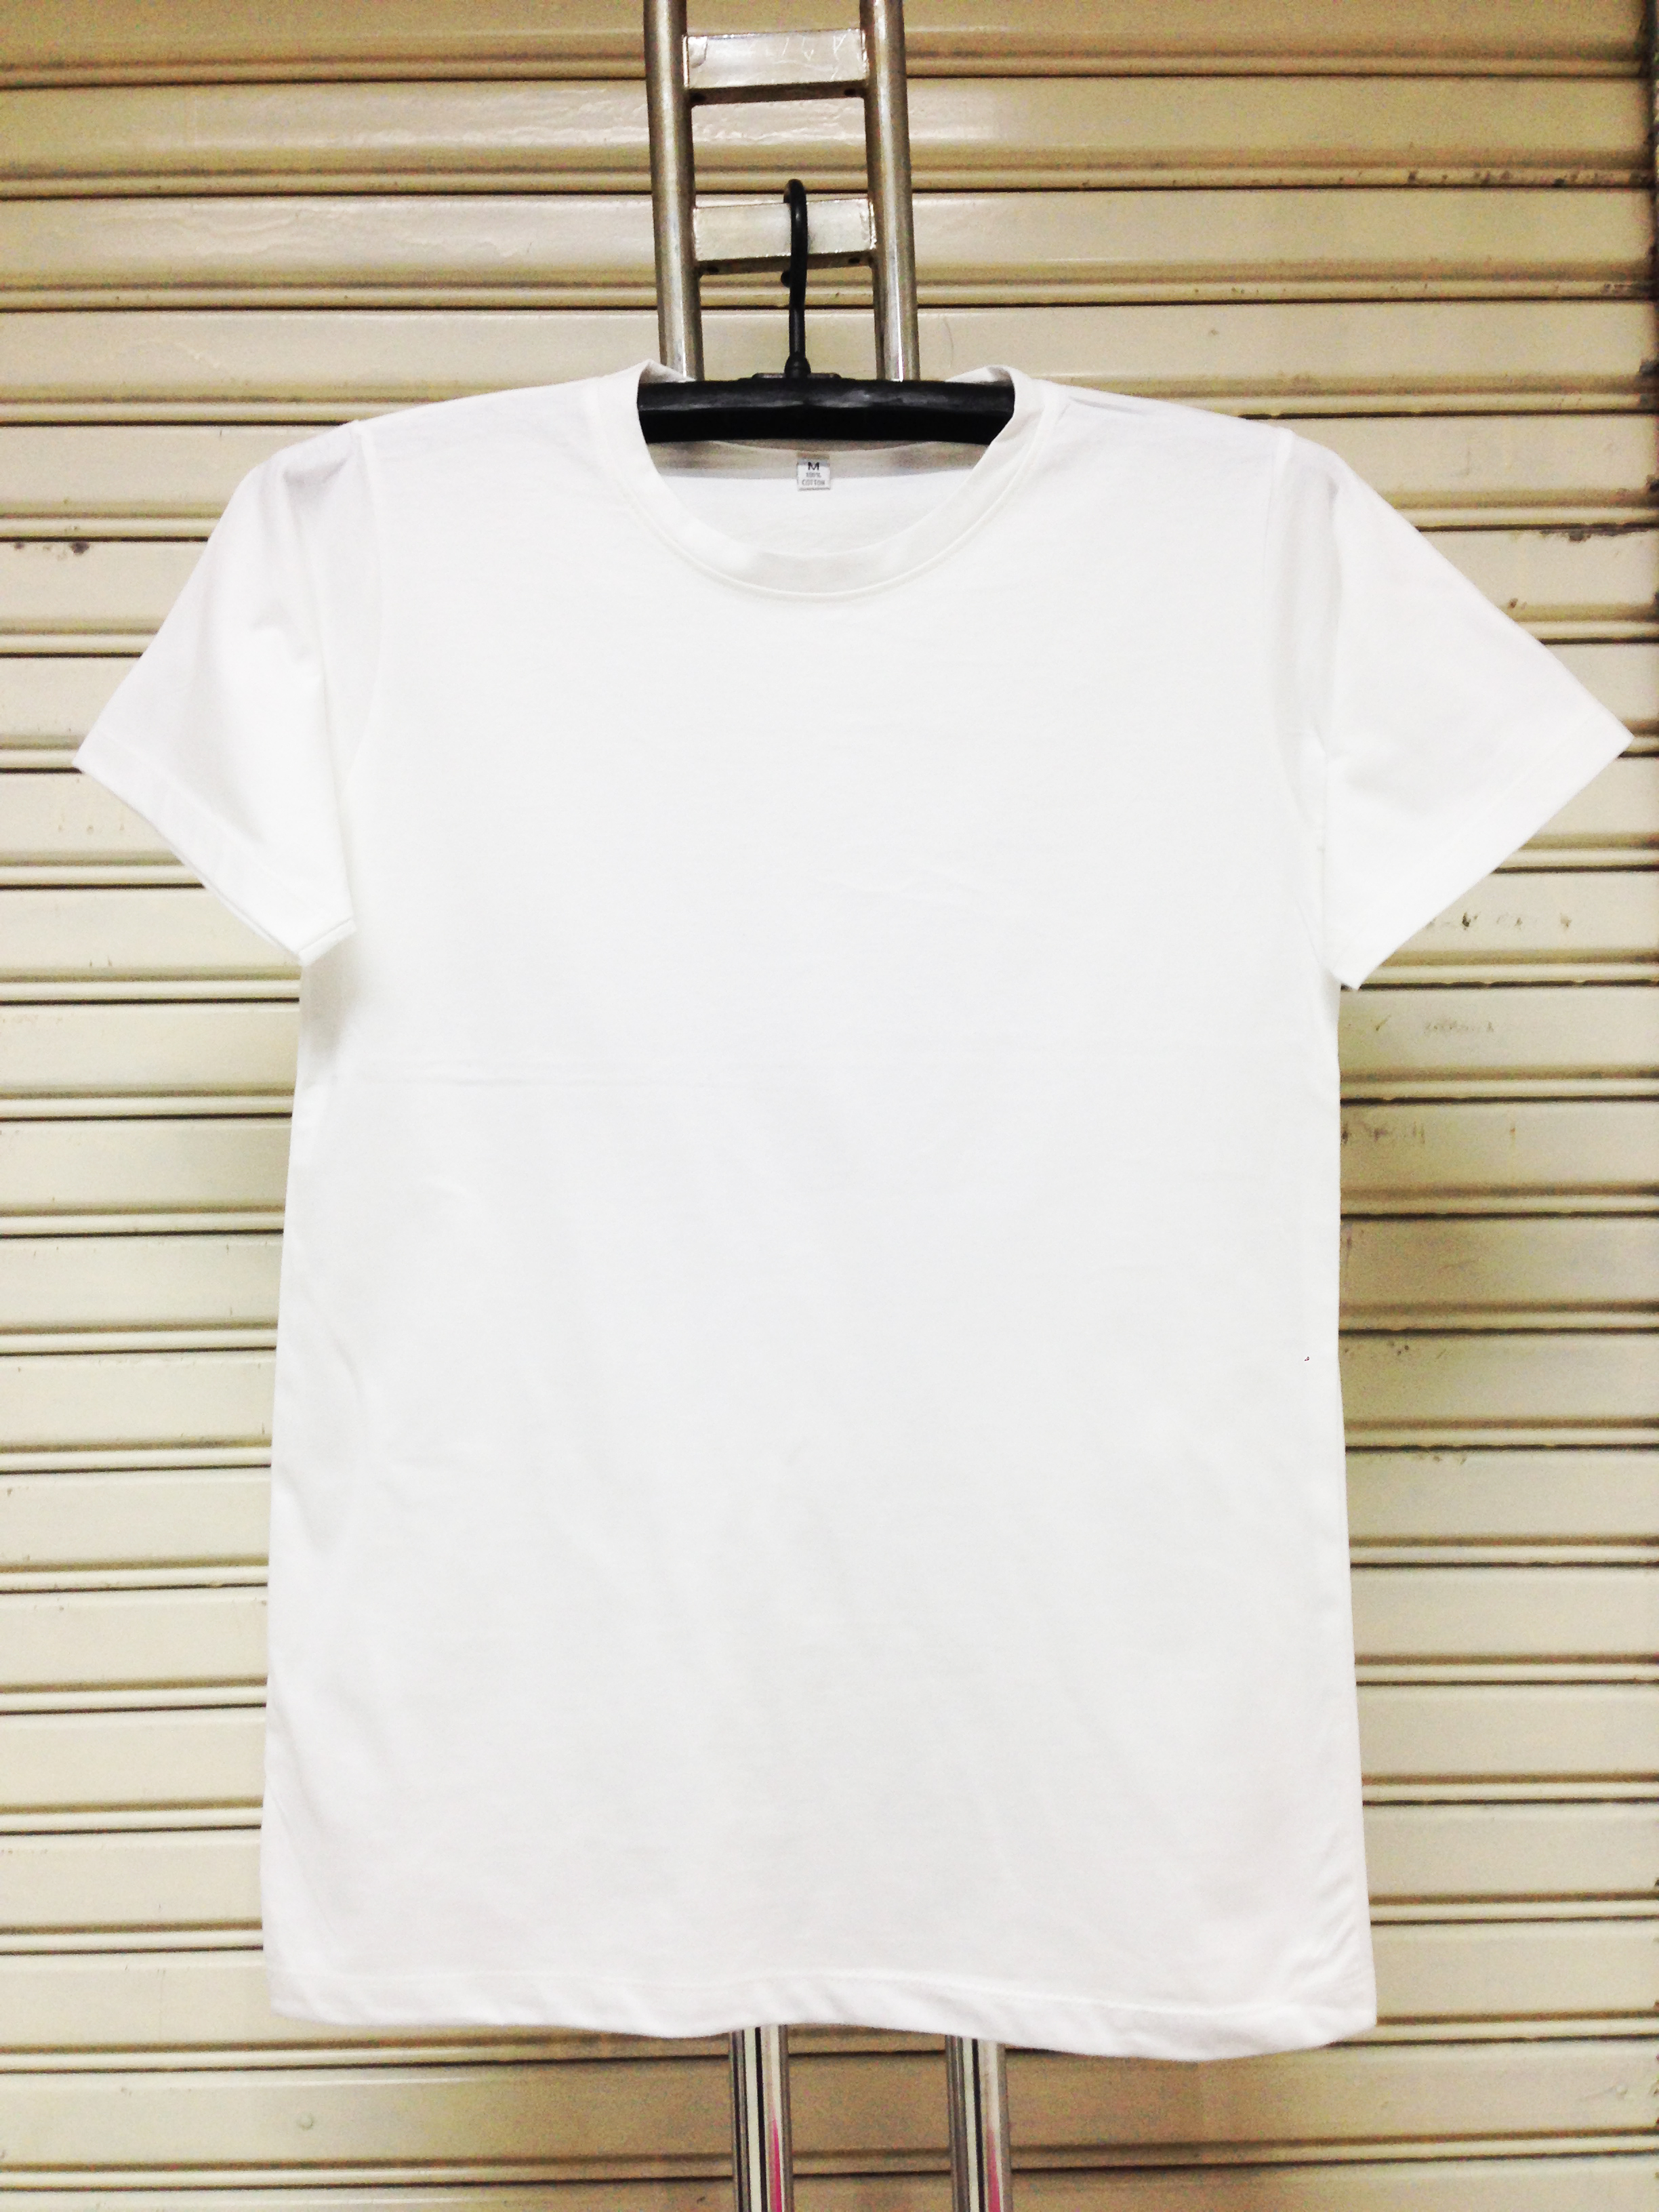 COTTON100% เบอร์32 เสื้อยืดแขนสั้น คอกลม สีขาว